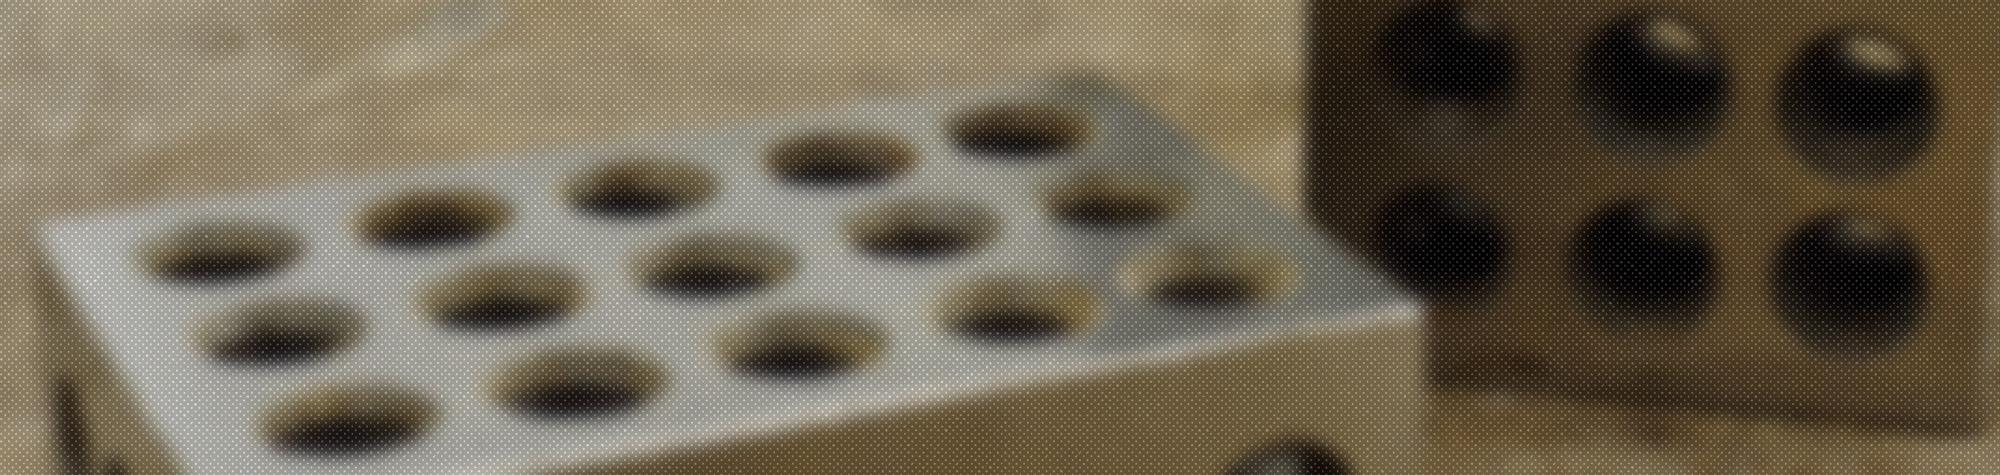 1-2-3 Blocks // Bits